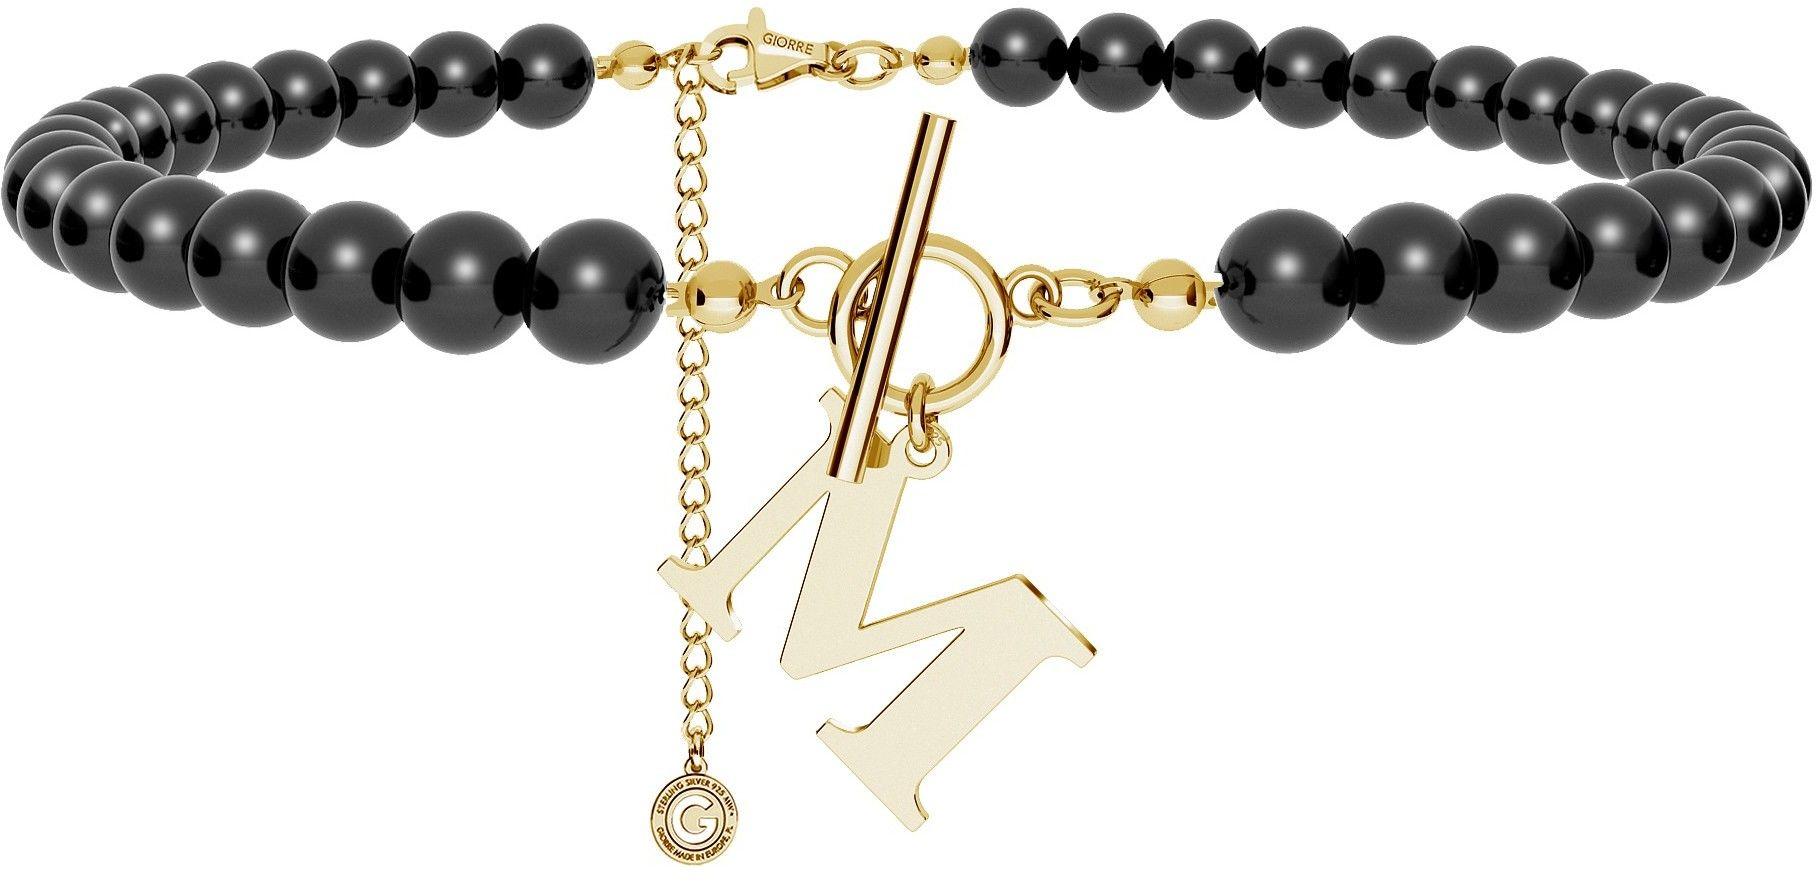 Czarny perłowy choker z dowolną literą, Swarovski, srebro 925 : Litera - H, Srebro - kolor pokrycia - Pokrycie platyną